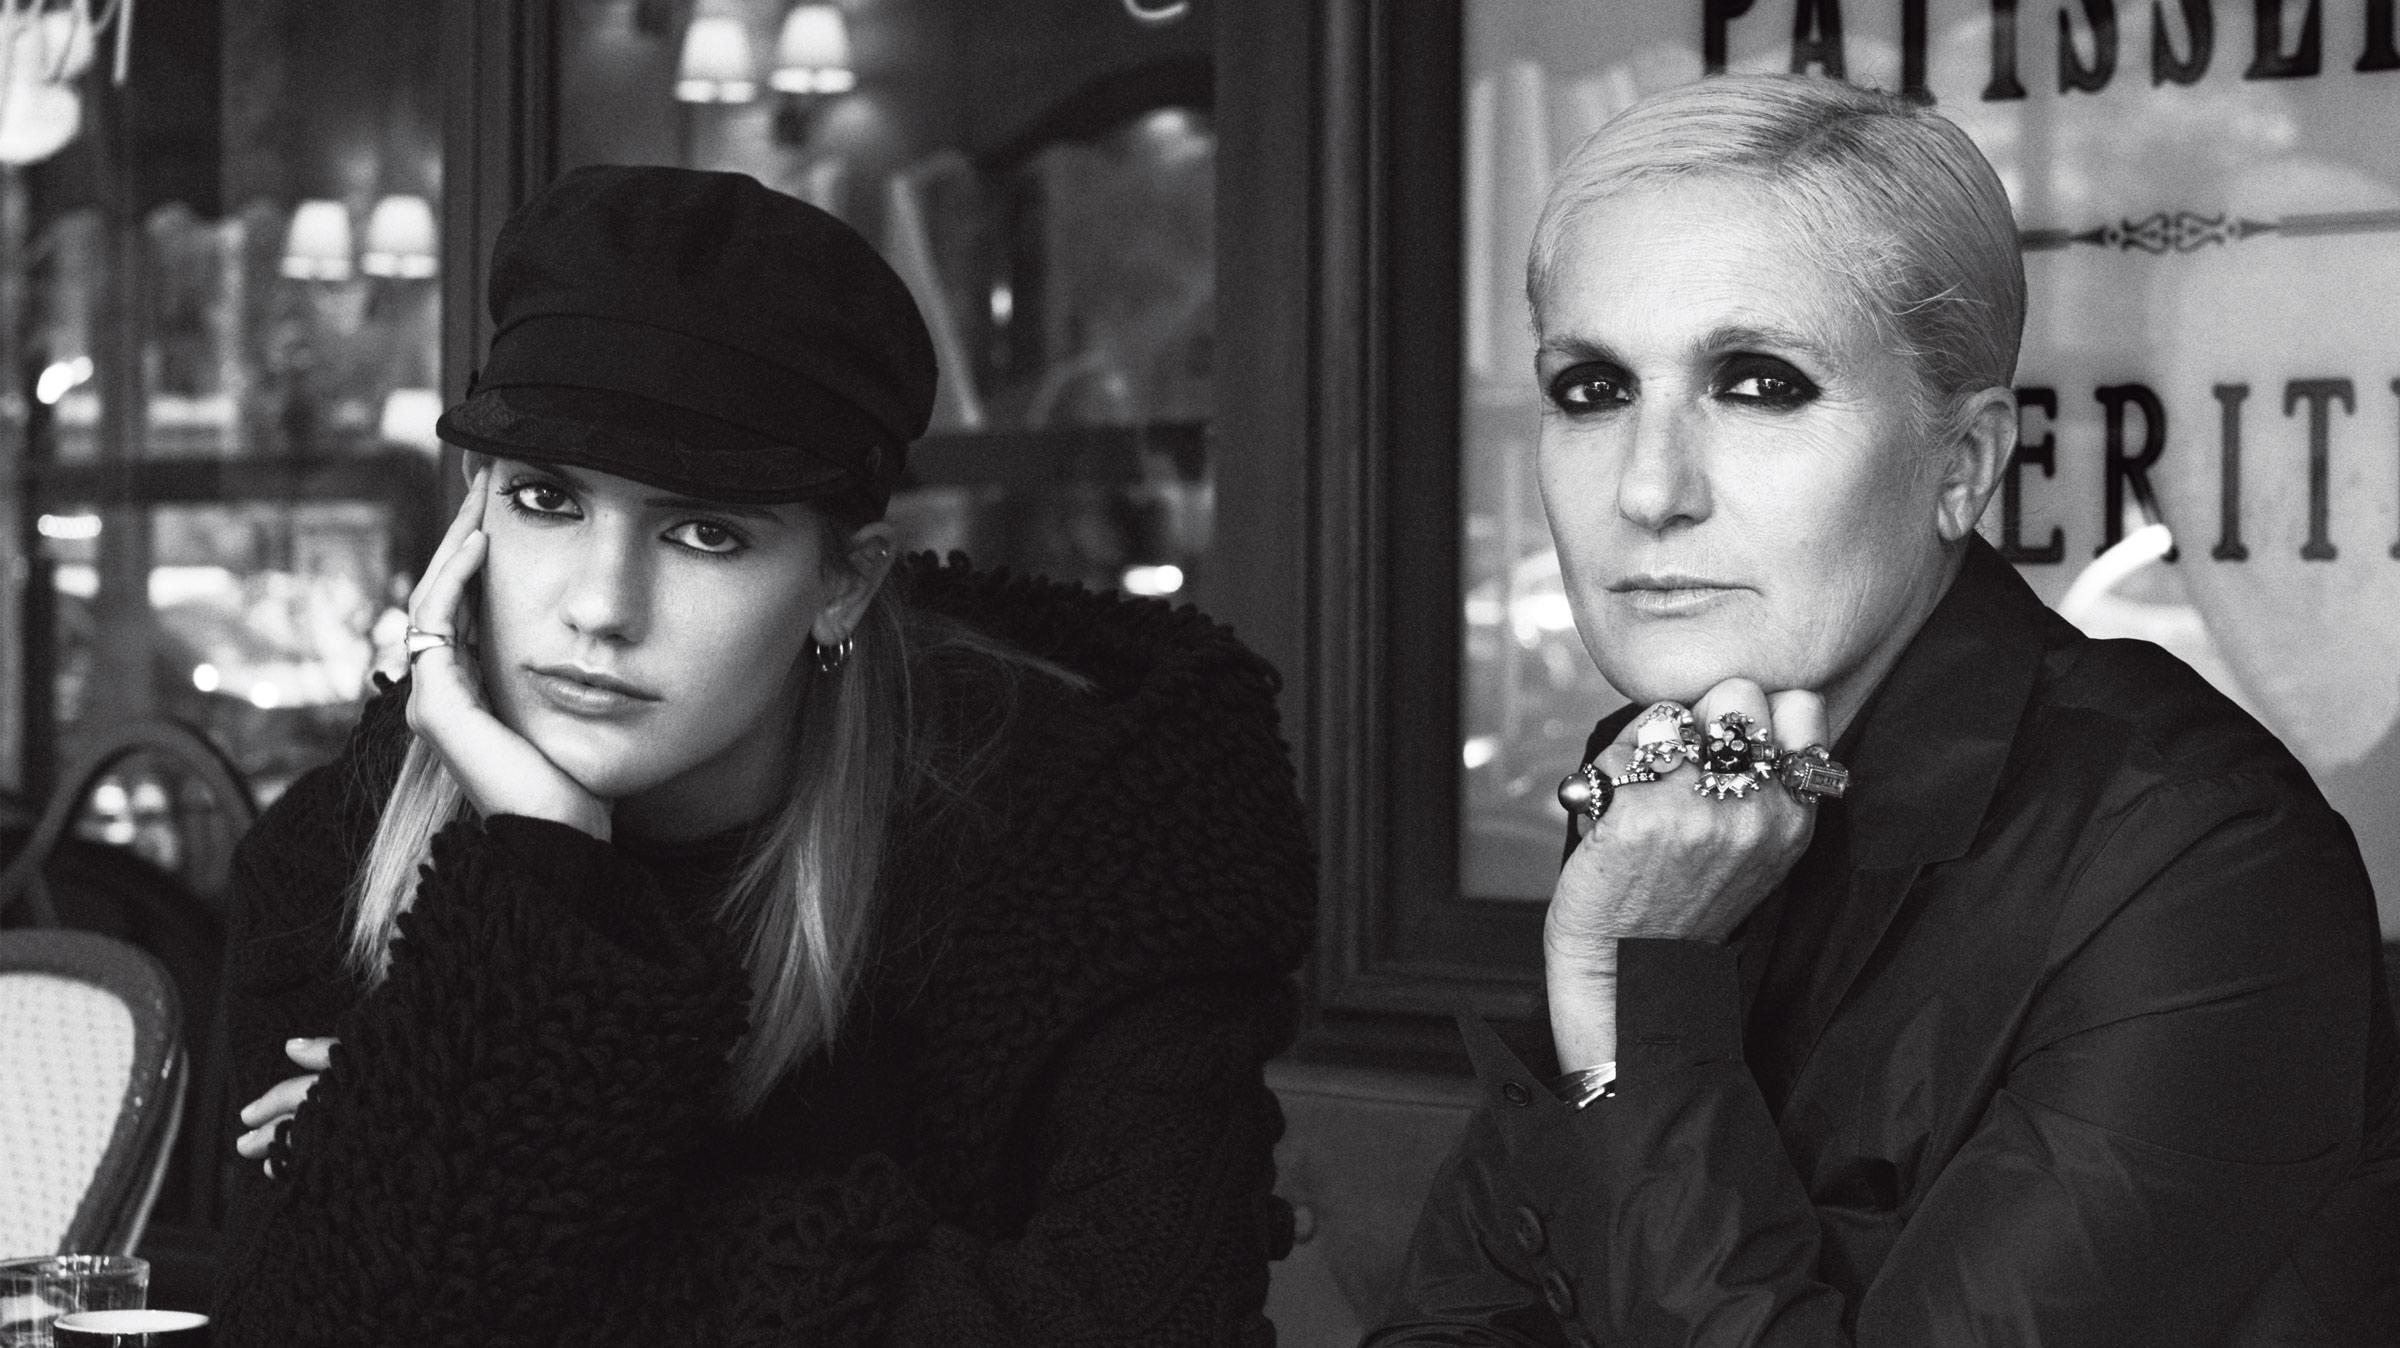 64fd97e6878 Maria Grazia Chiuri on her feminist vision for Dior